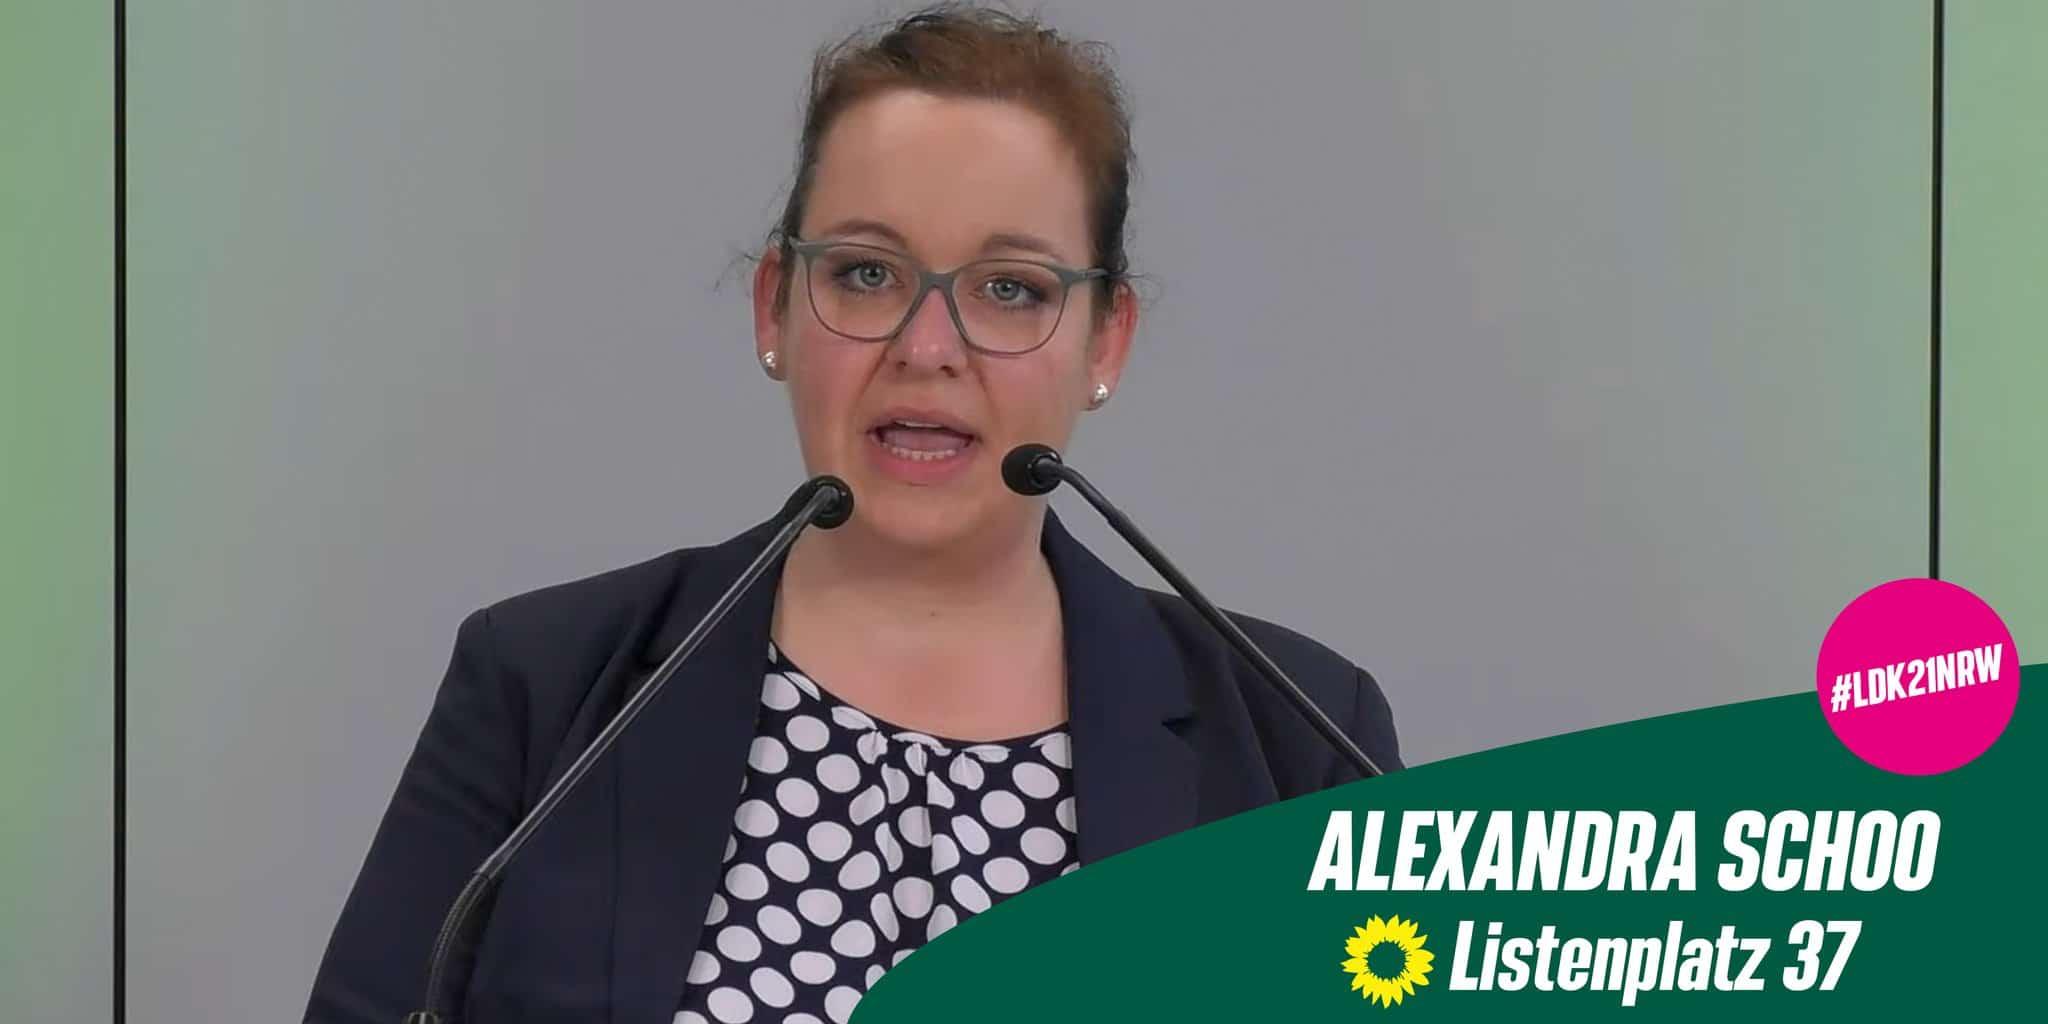 Alexandra Schoo auf die Landesliste der Grünen zur Bundestagswahl gewählt